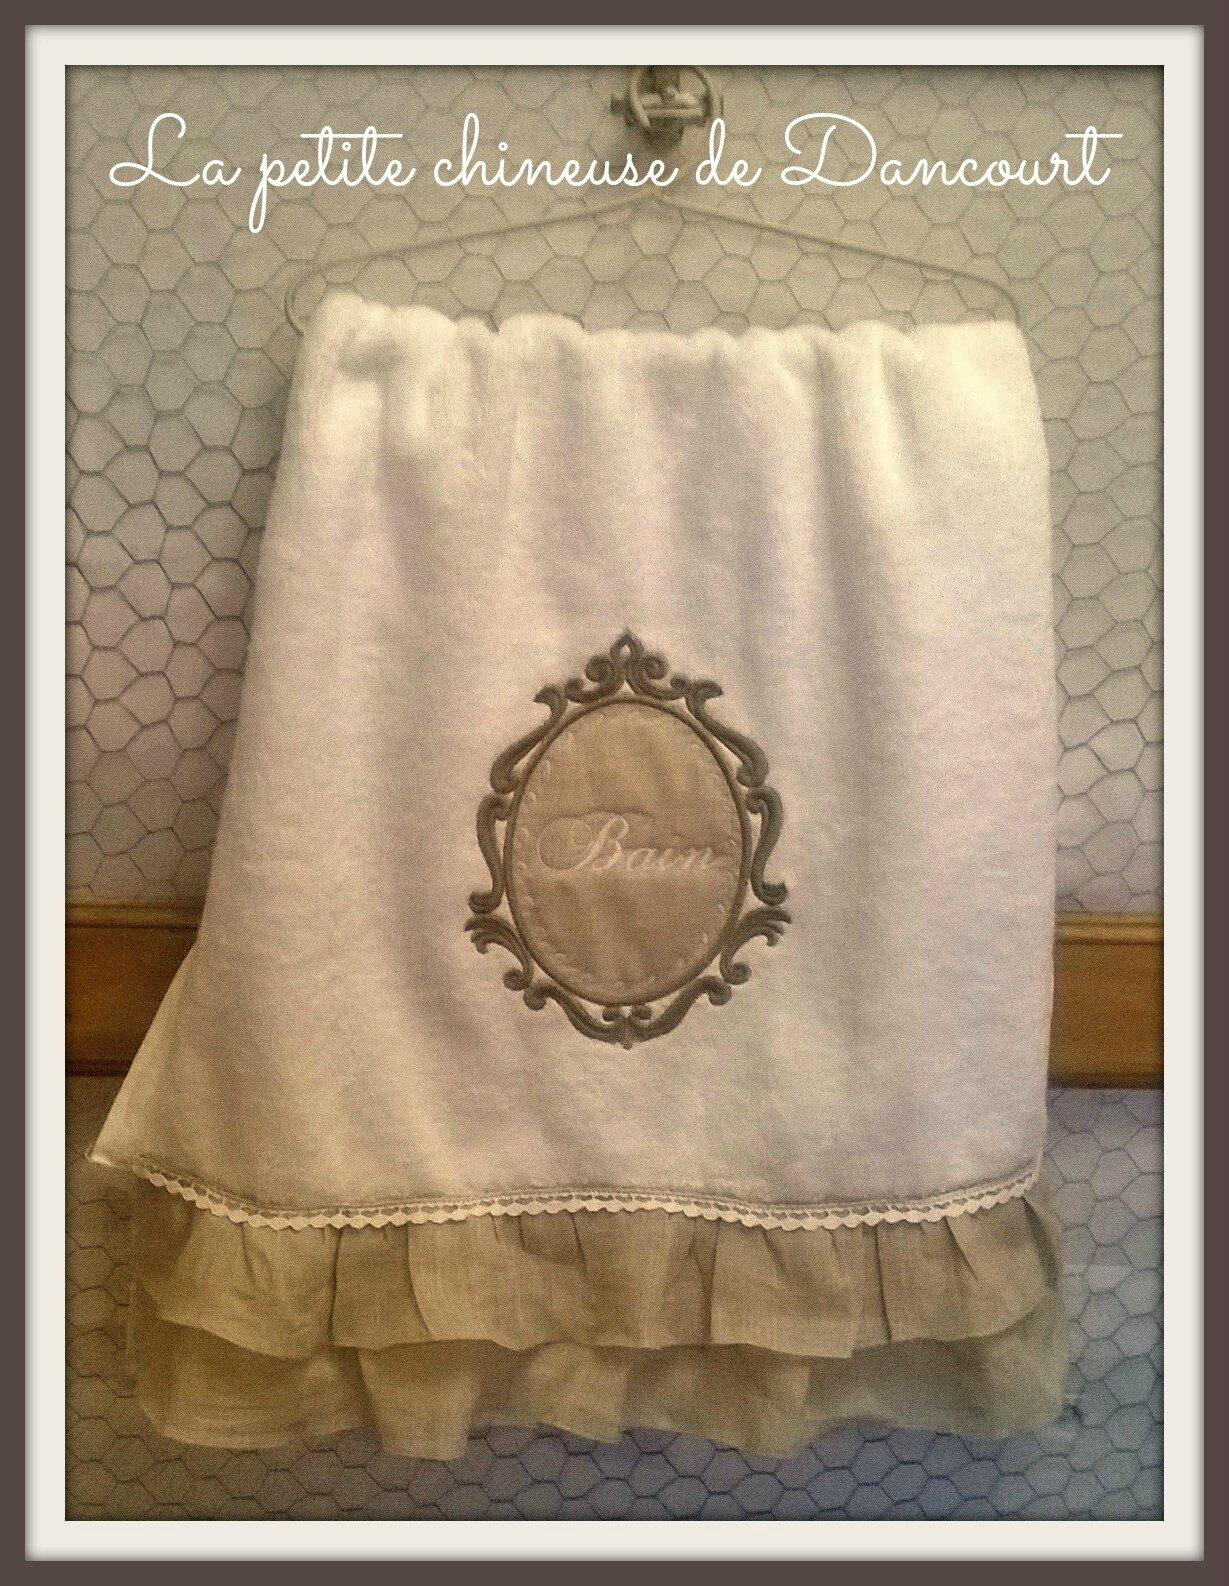 Les serviettes brodées de la petite chineuse de Dancourt